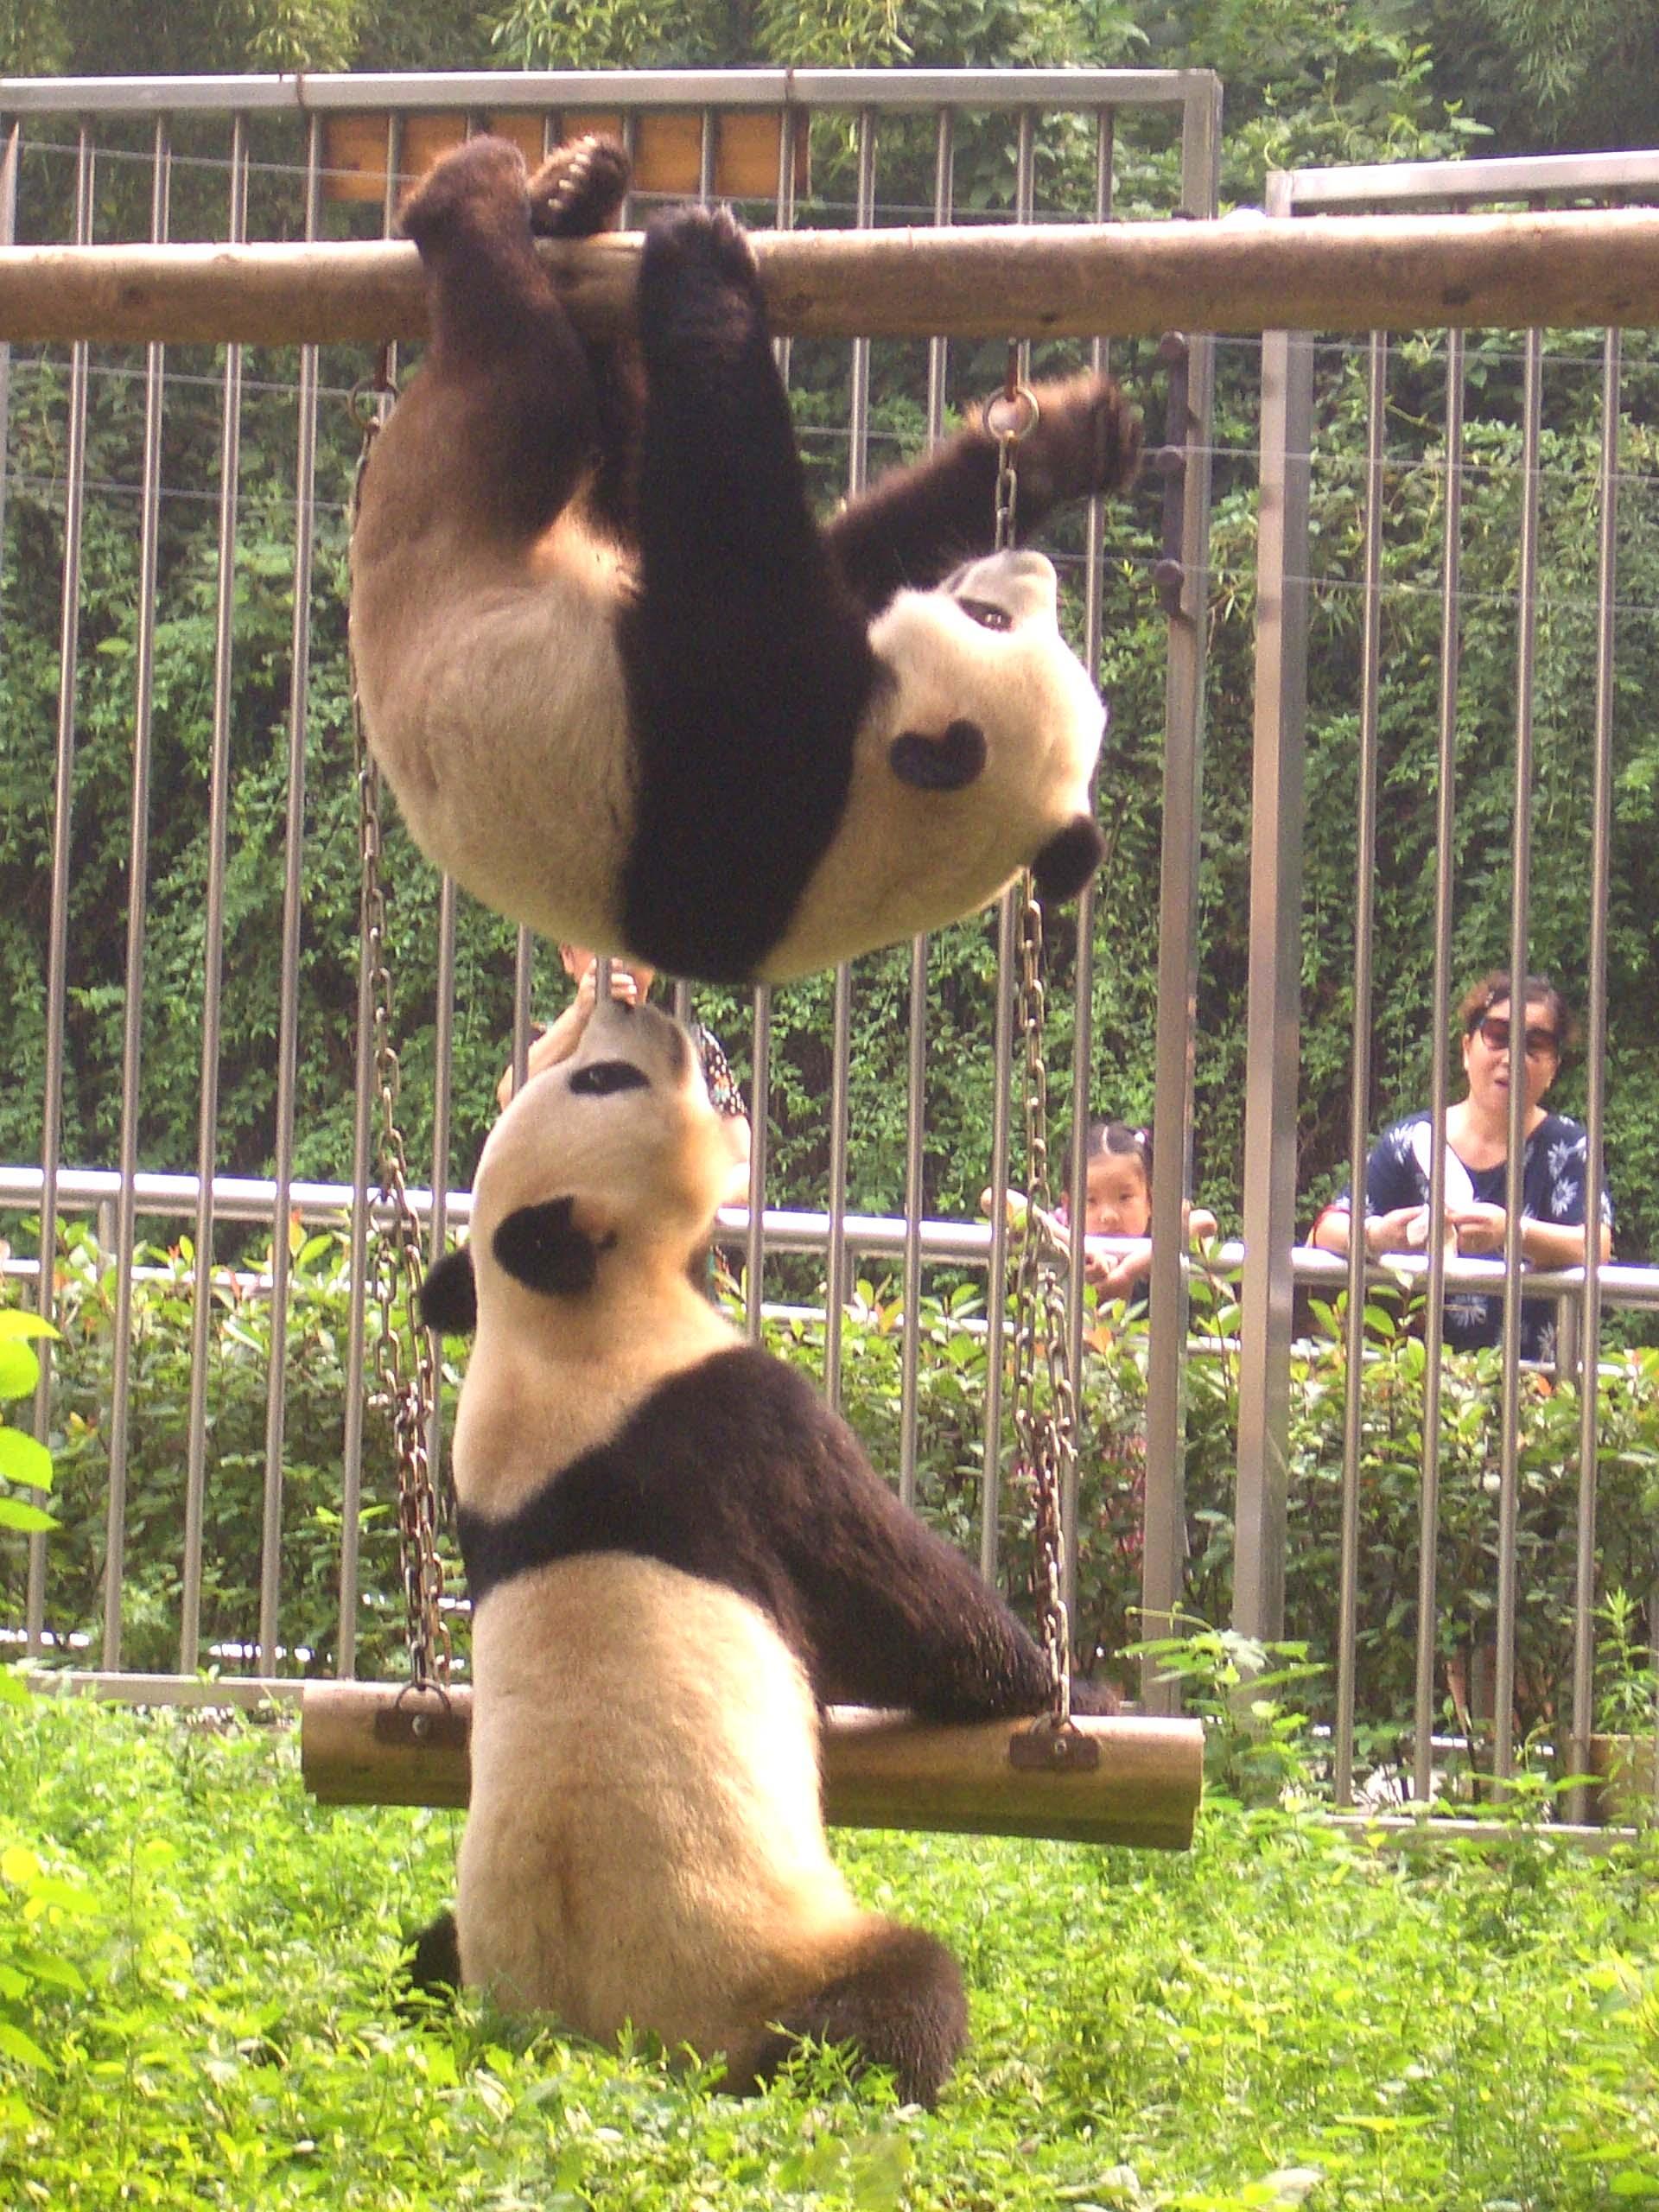 武汉动物园欢迎您来墨水湖畔拾翠,到动物王国猎奇.